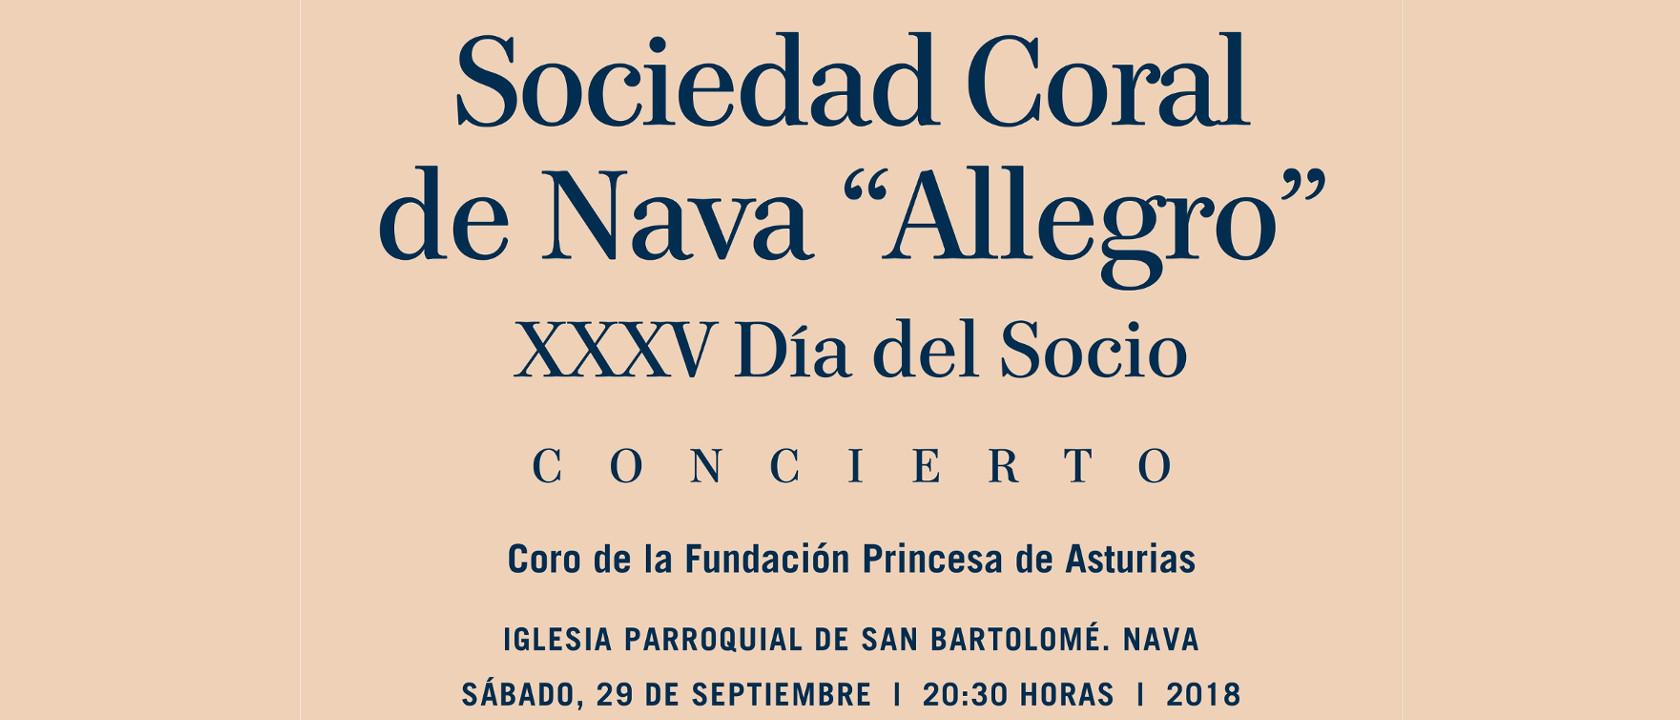 XXXV Día del Socio: Programa